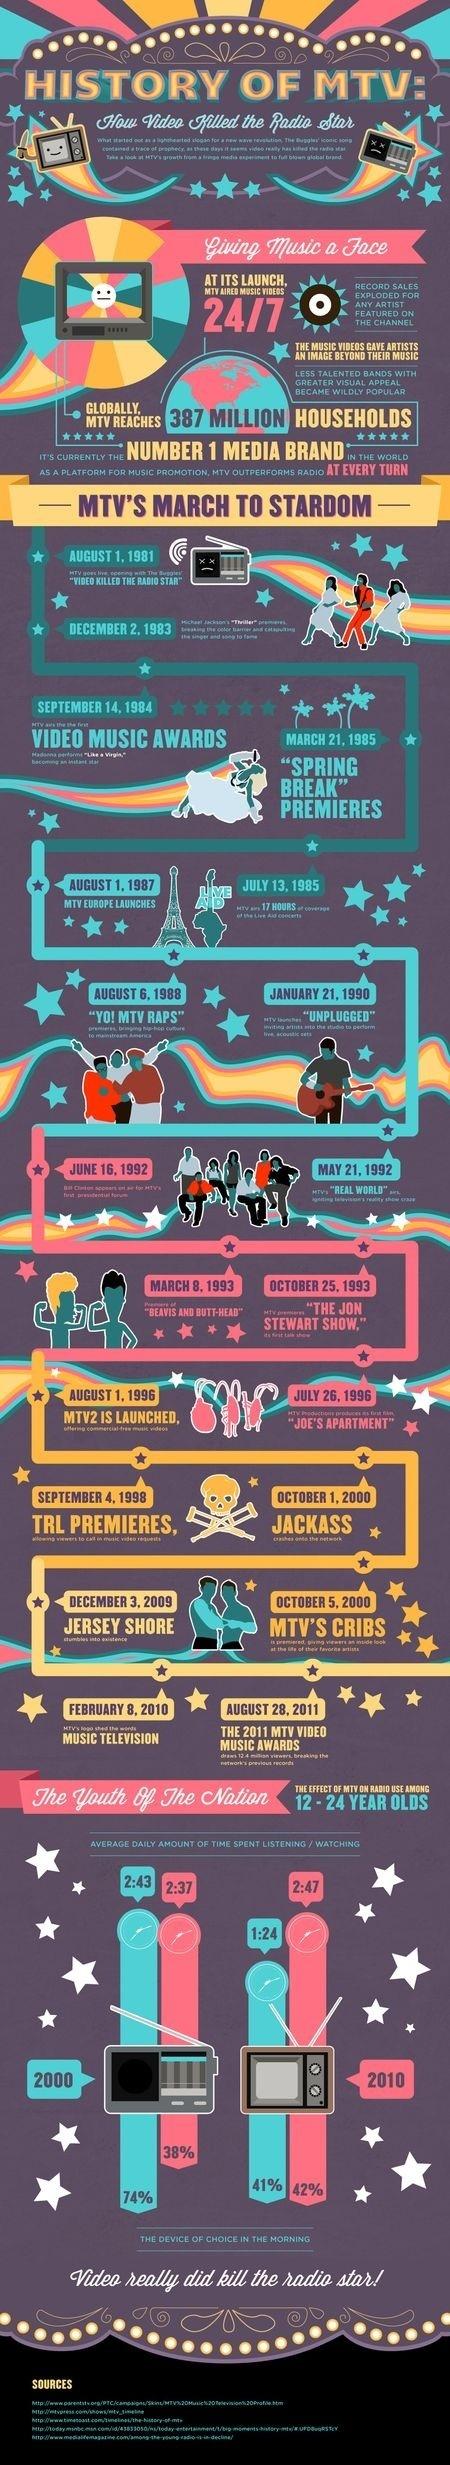 L'histoire de MTV en infographie | MUSIC:ENTER | Scoop.it